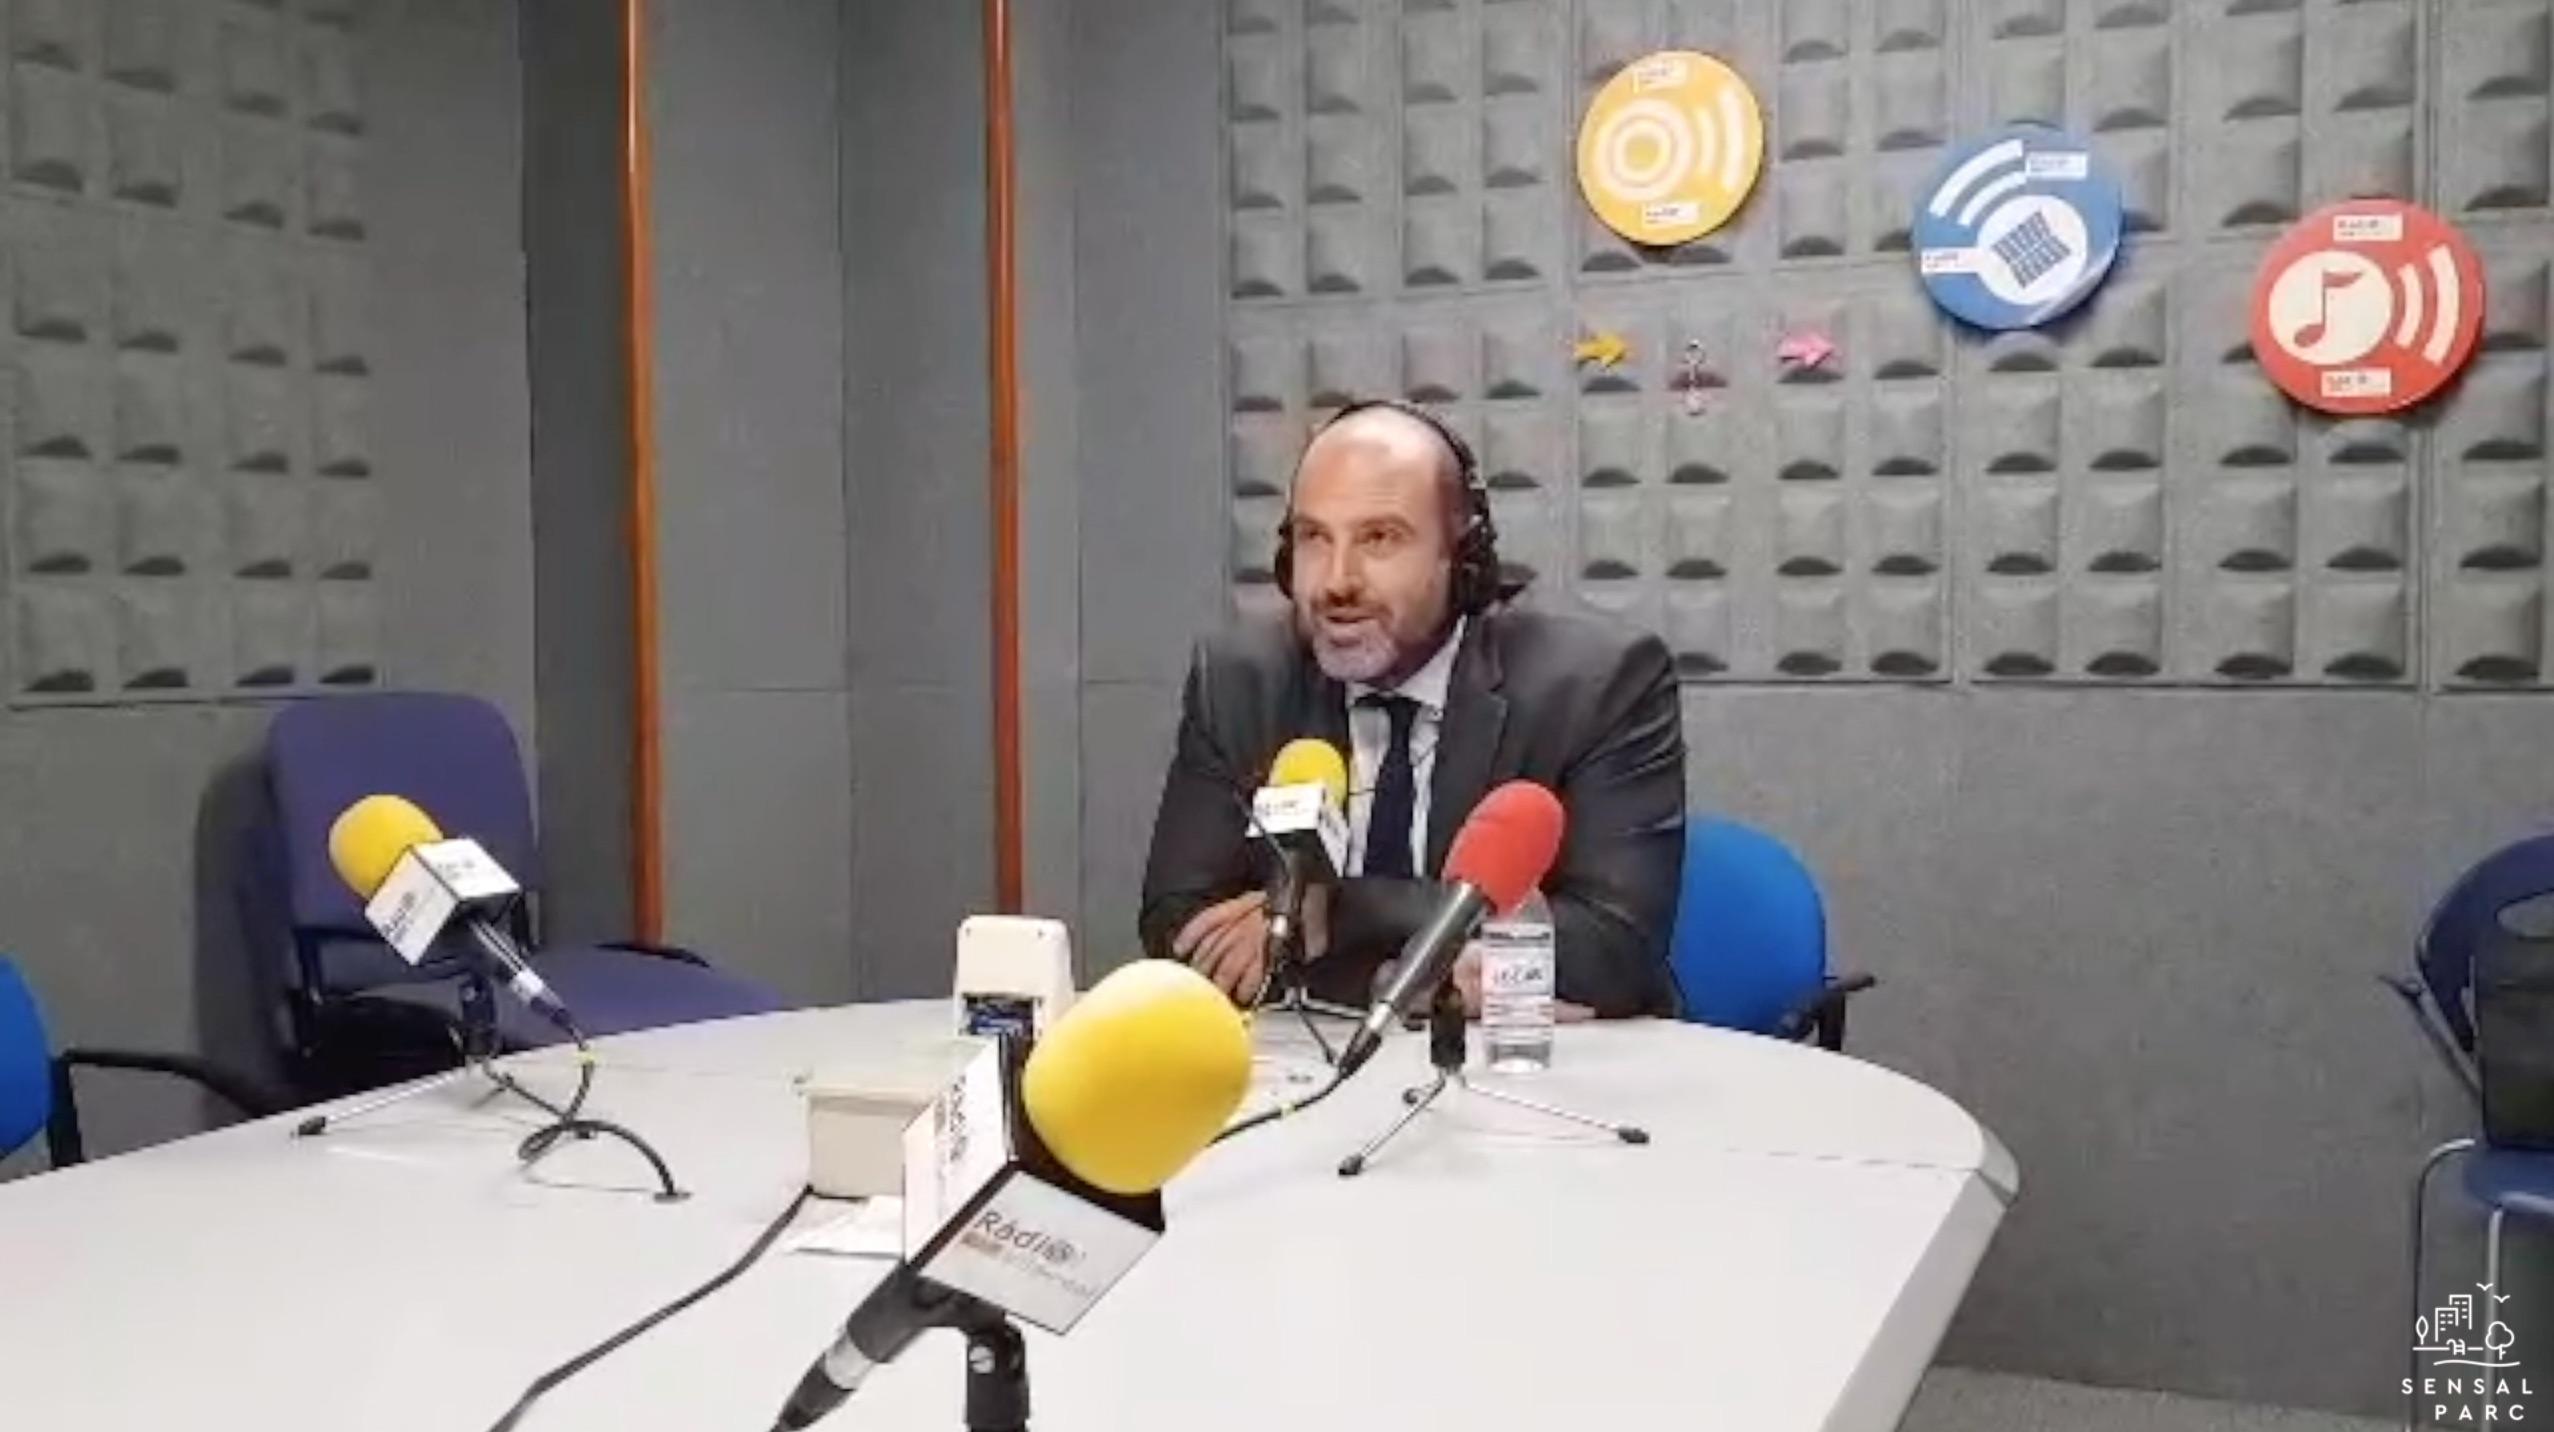 Entrevista a Juan Saussol Project Manager Sensal Parc en Radio Vila-real